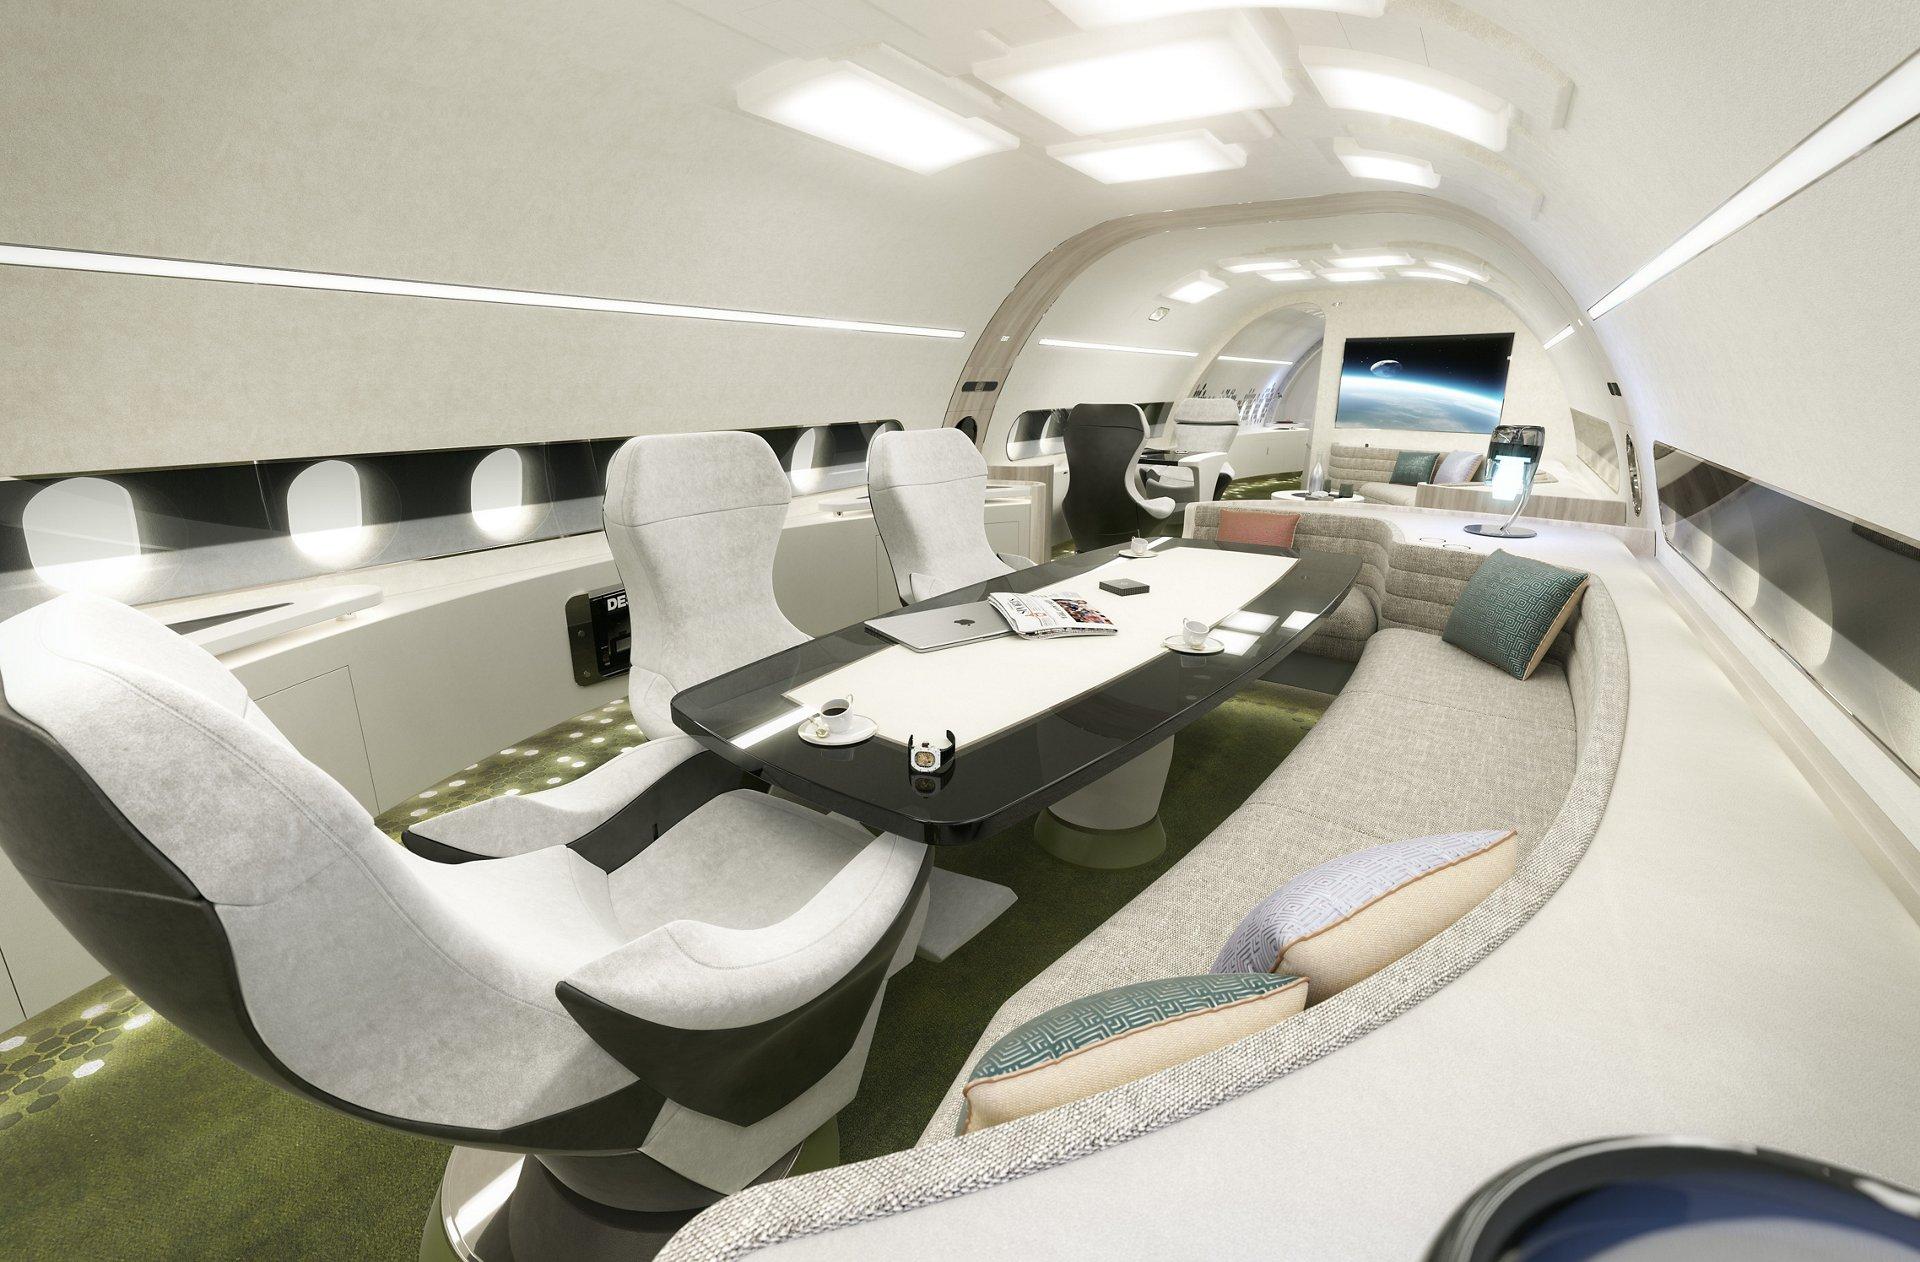 ACJ320neo Melody cabin_conference area 2